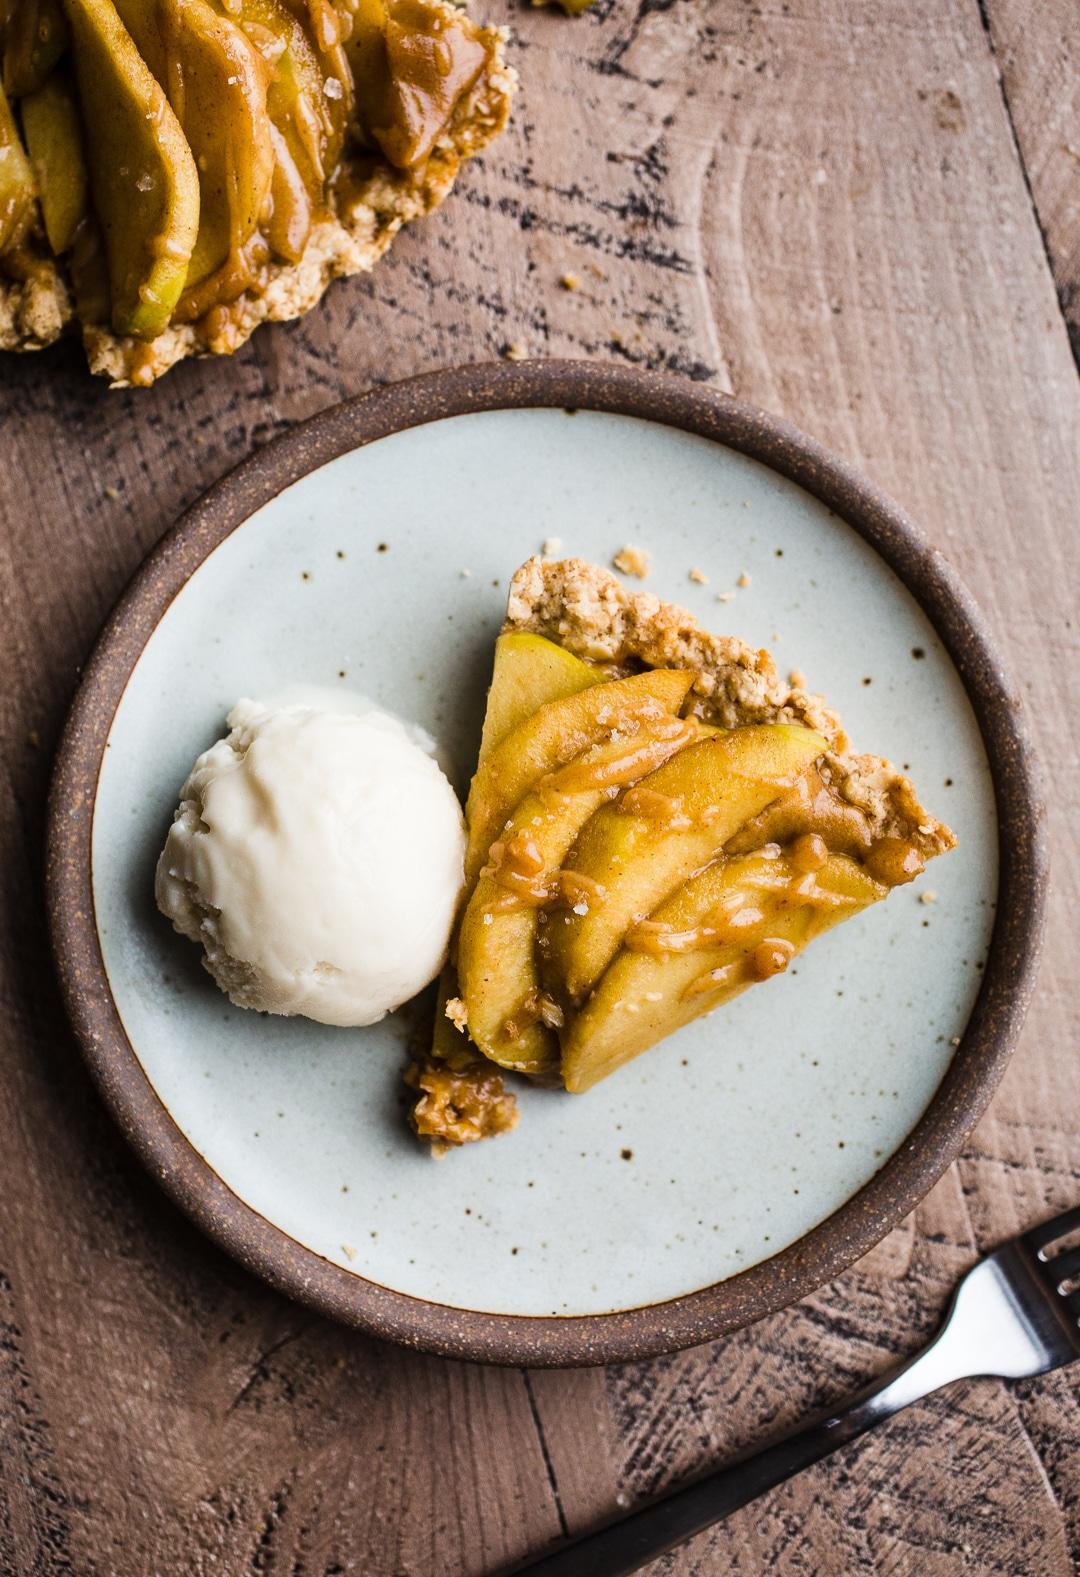 gluten-free apple tart